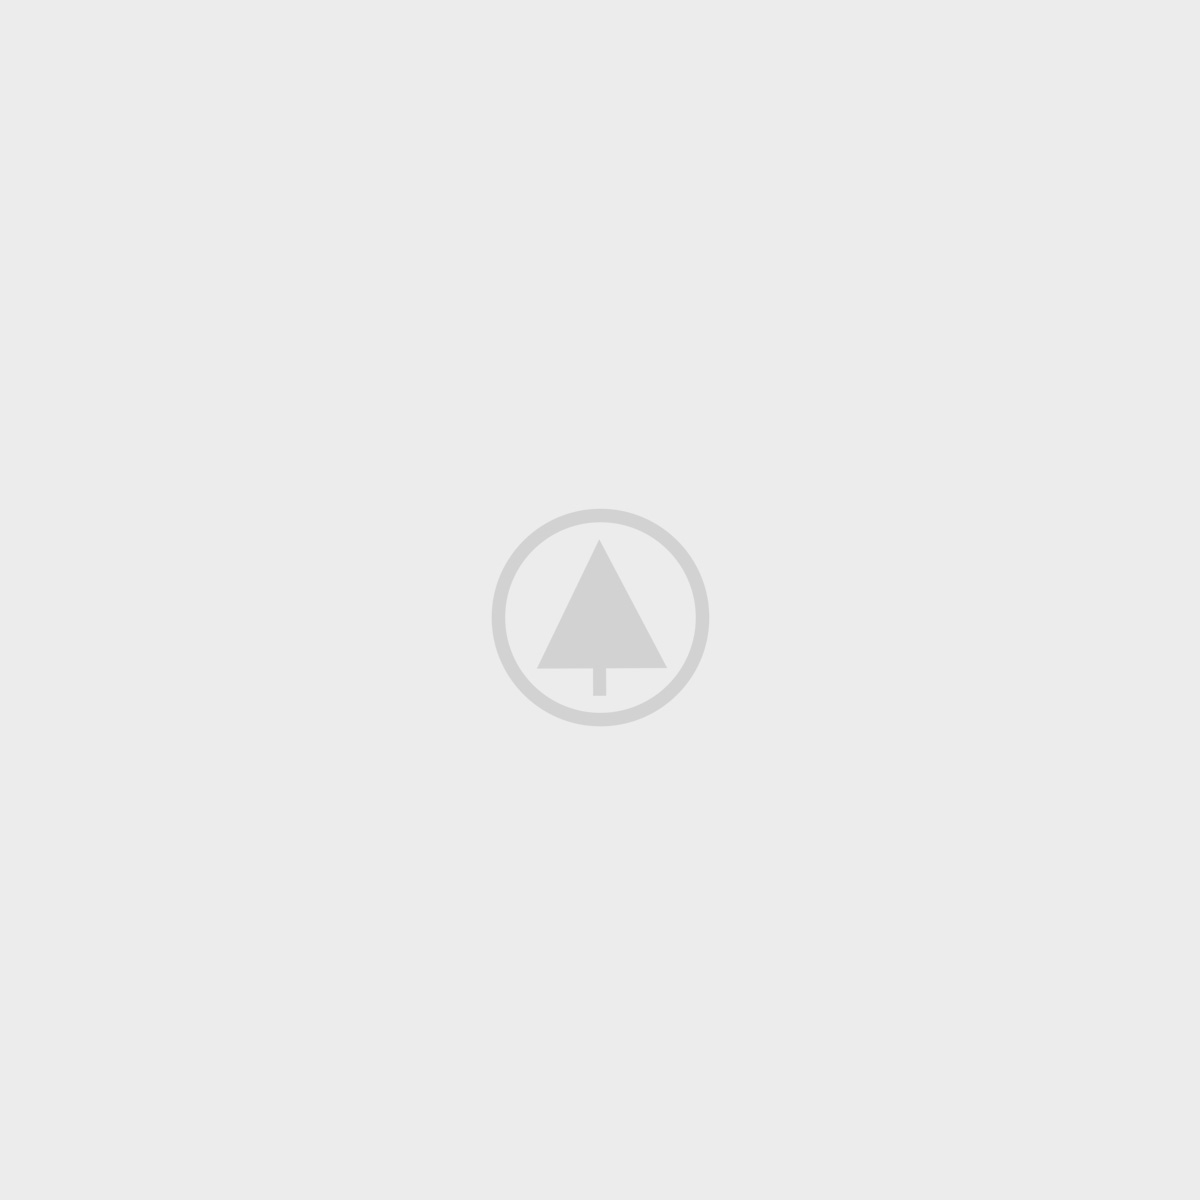 wood gallery placeholder 4 ⭐⭐⭐⭐⭐ Nhà cung cấp máy Bán Hàng Tự Động, TSE Máy bán nước tự động Số 1